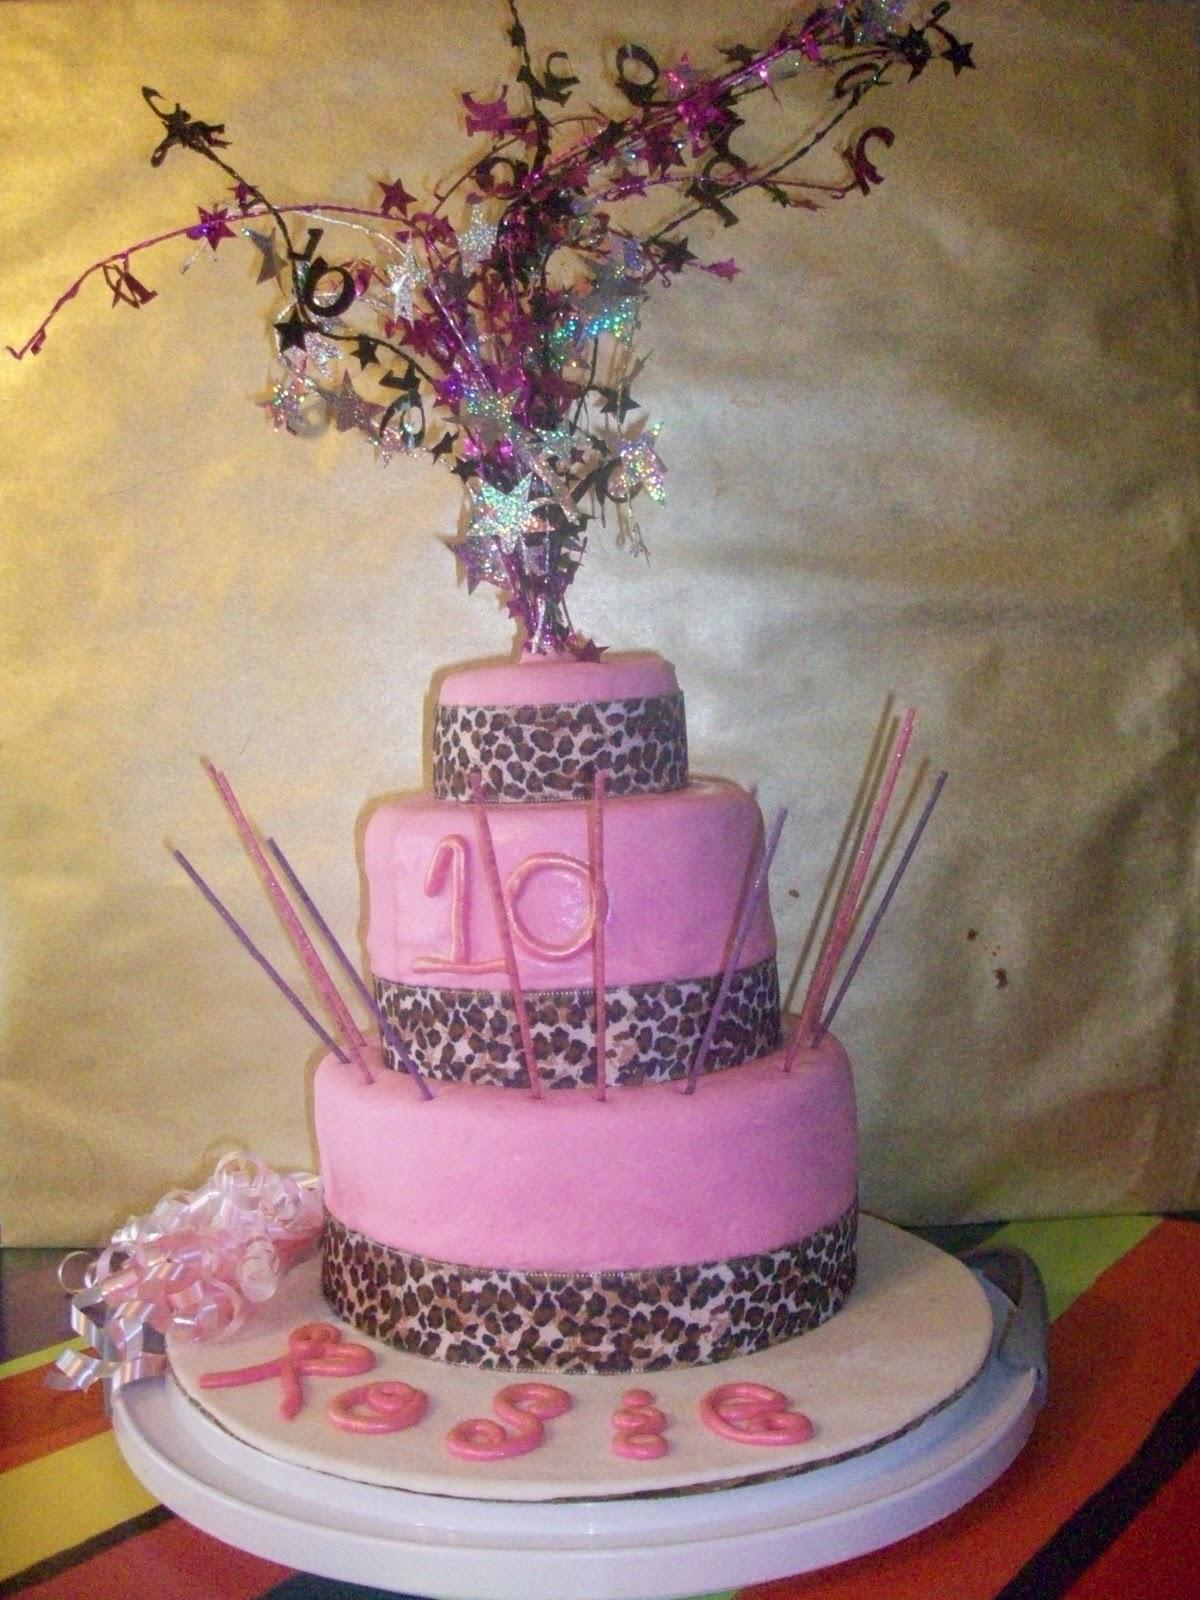 Aimee S Cakes Pink Cheetah Cake